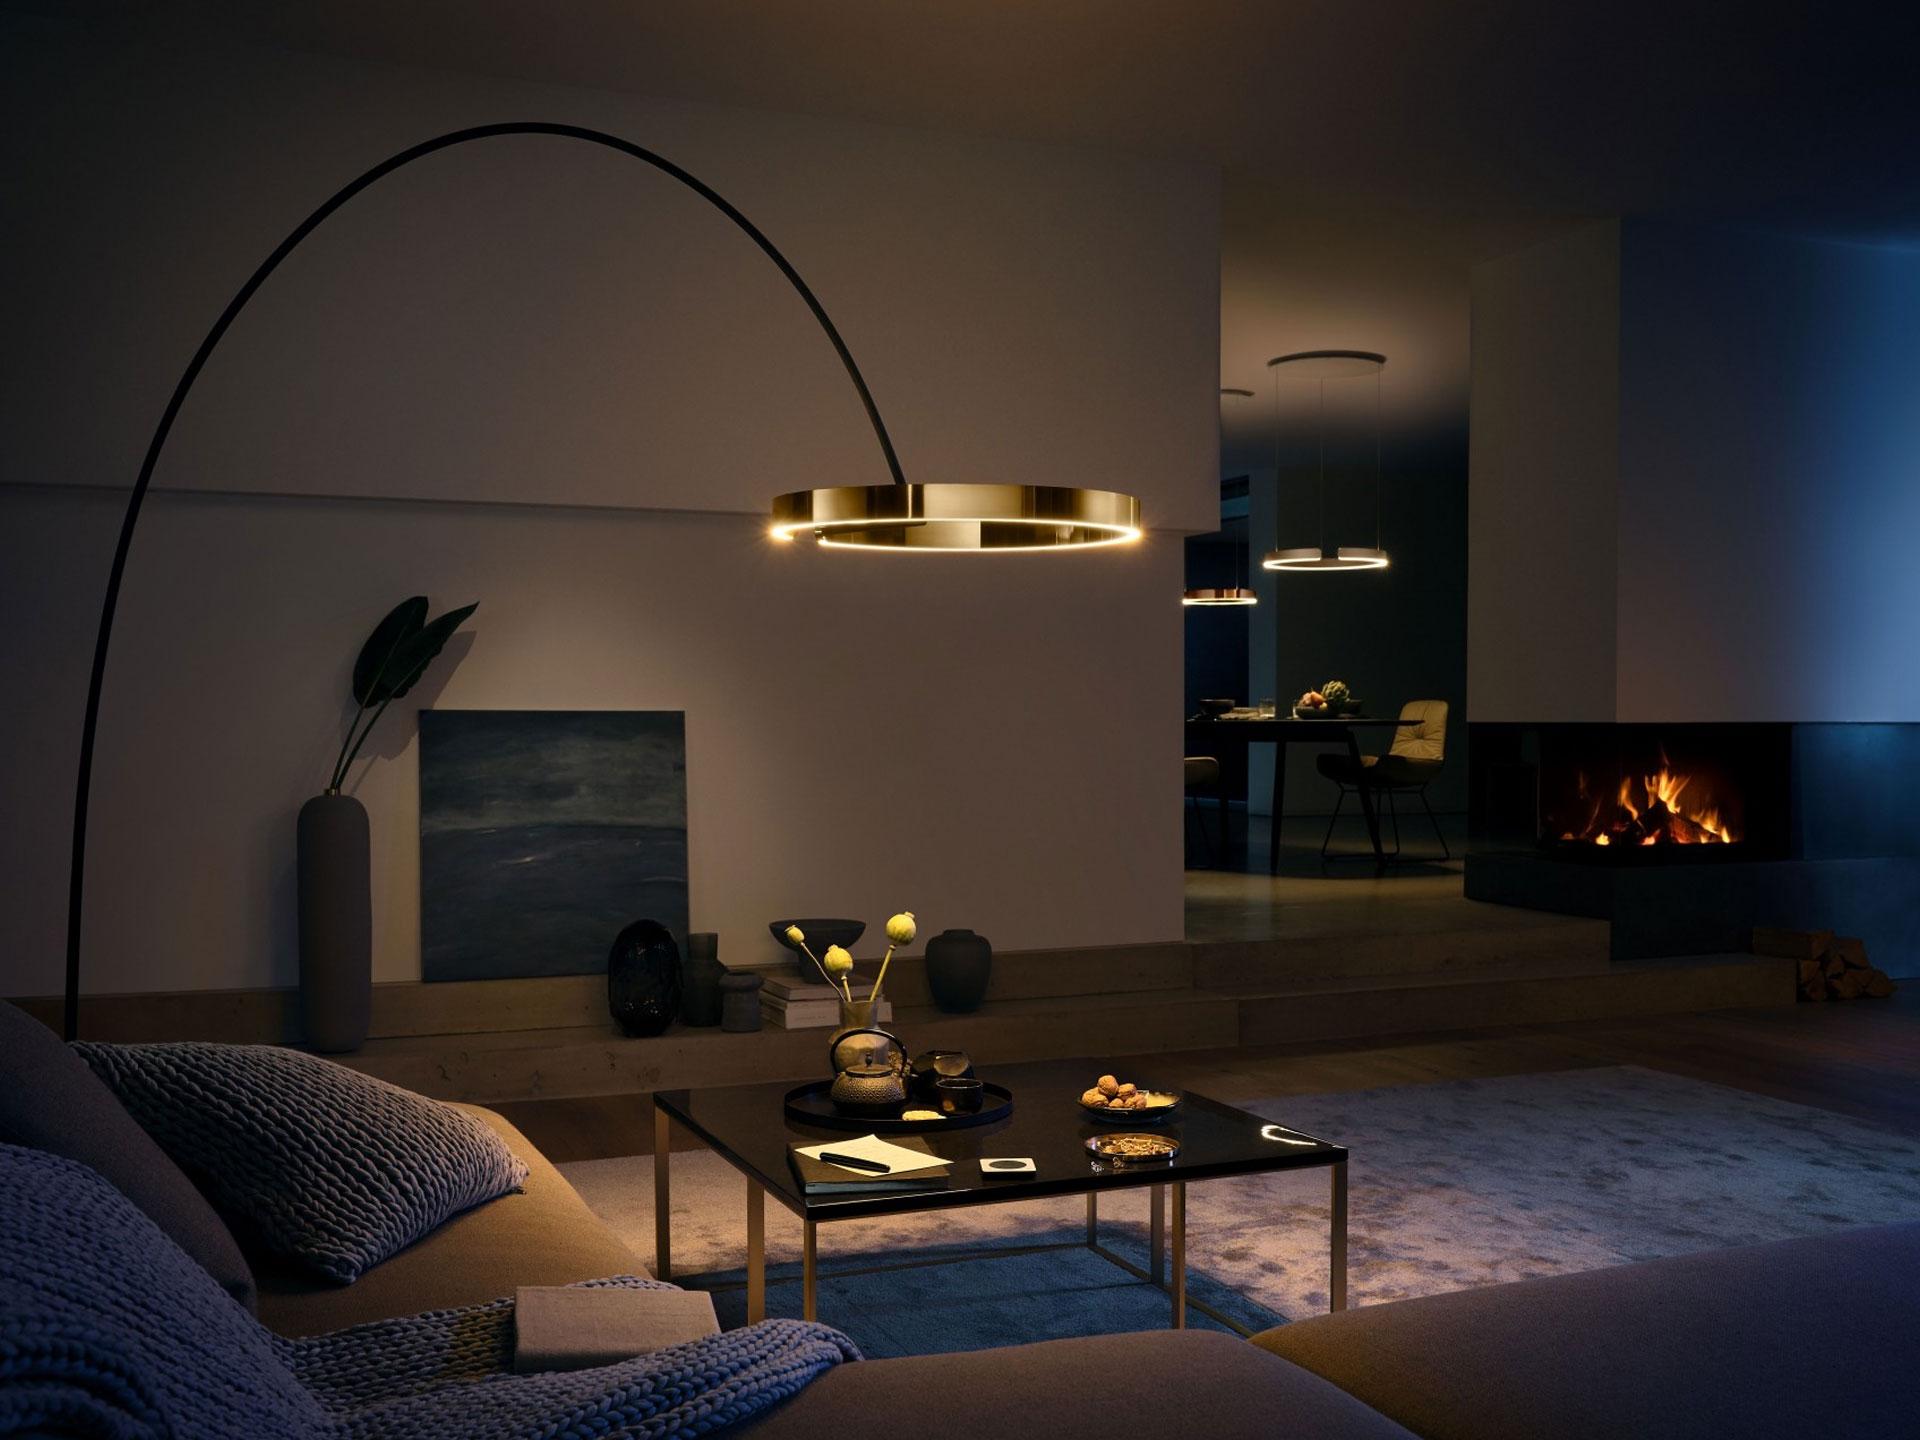 Designer LED Bogenleuchte Occhio Mito largo über dem Wohnzimmertisch hängend, im Hintergrund ein Kaminfeuer